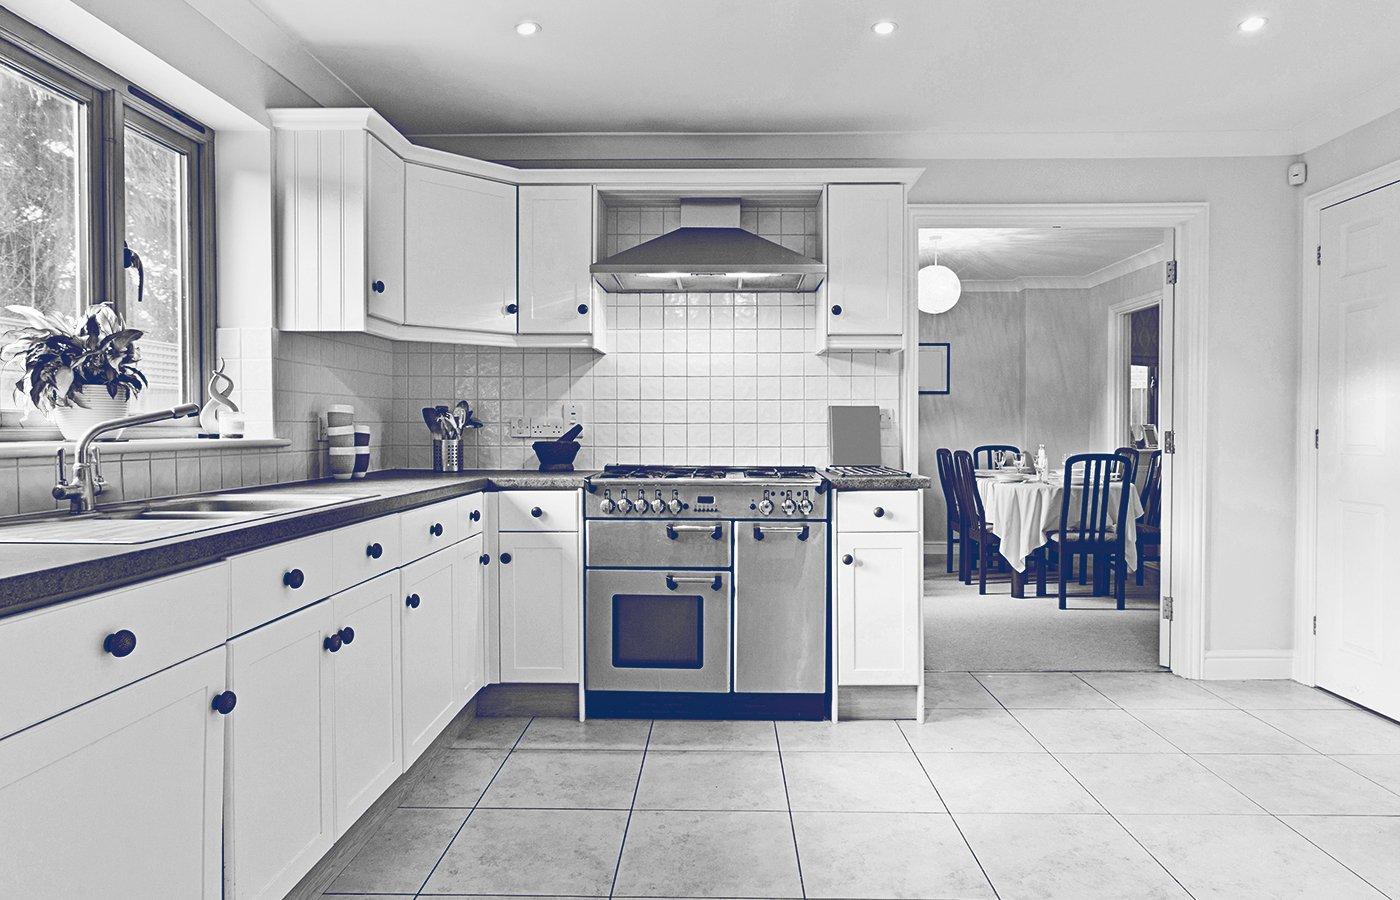 Luxury interior kitchen